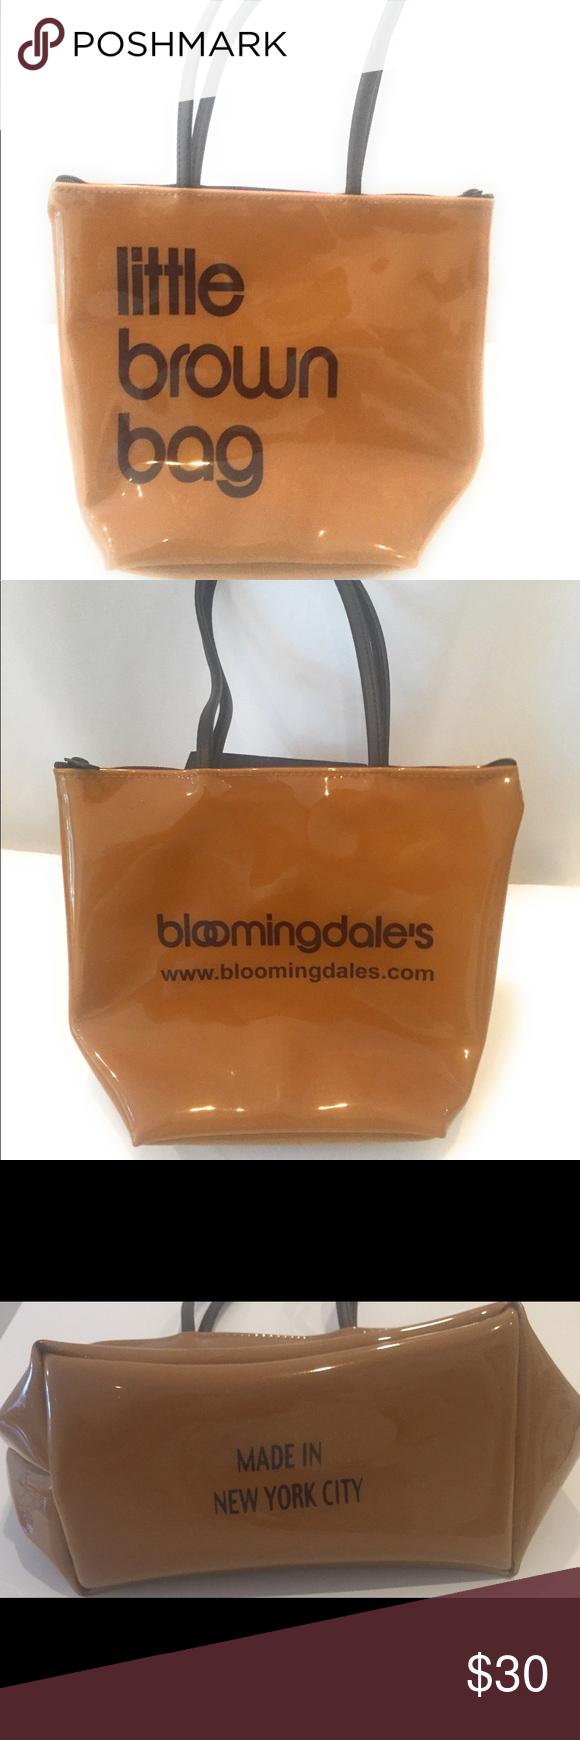 95890406ee Bloomingdales little brown bag with zipper RARE Bloomingdales little brown  bag with zipper RARE Bloomingdale's Bags Totes